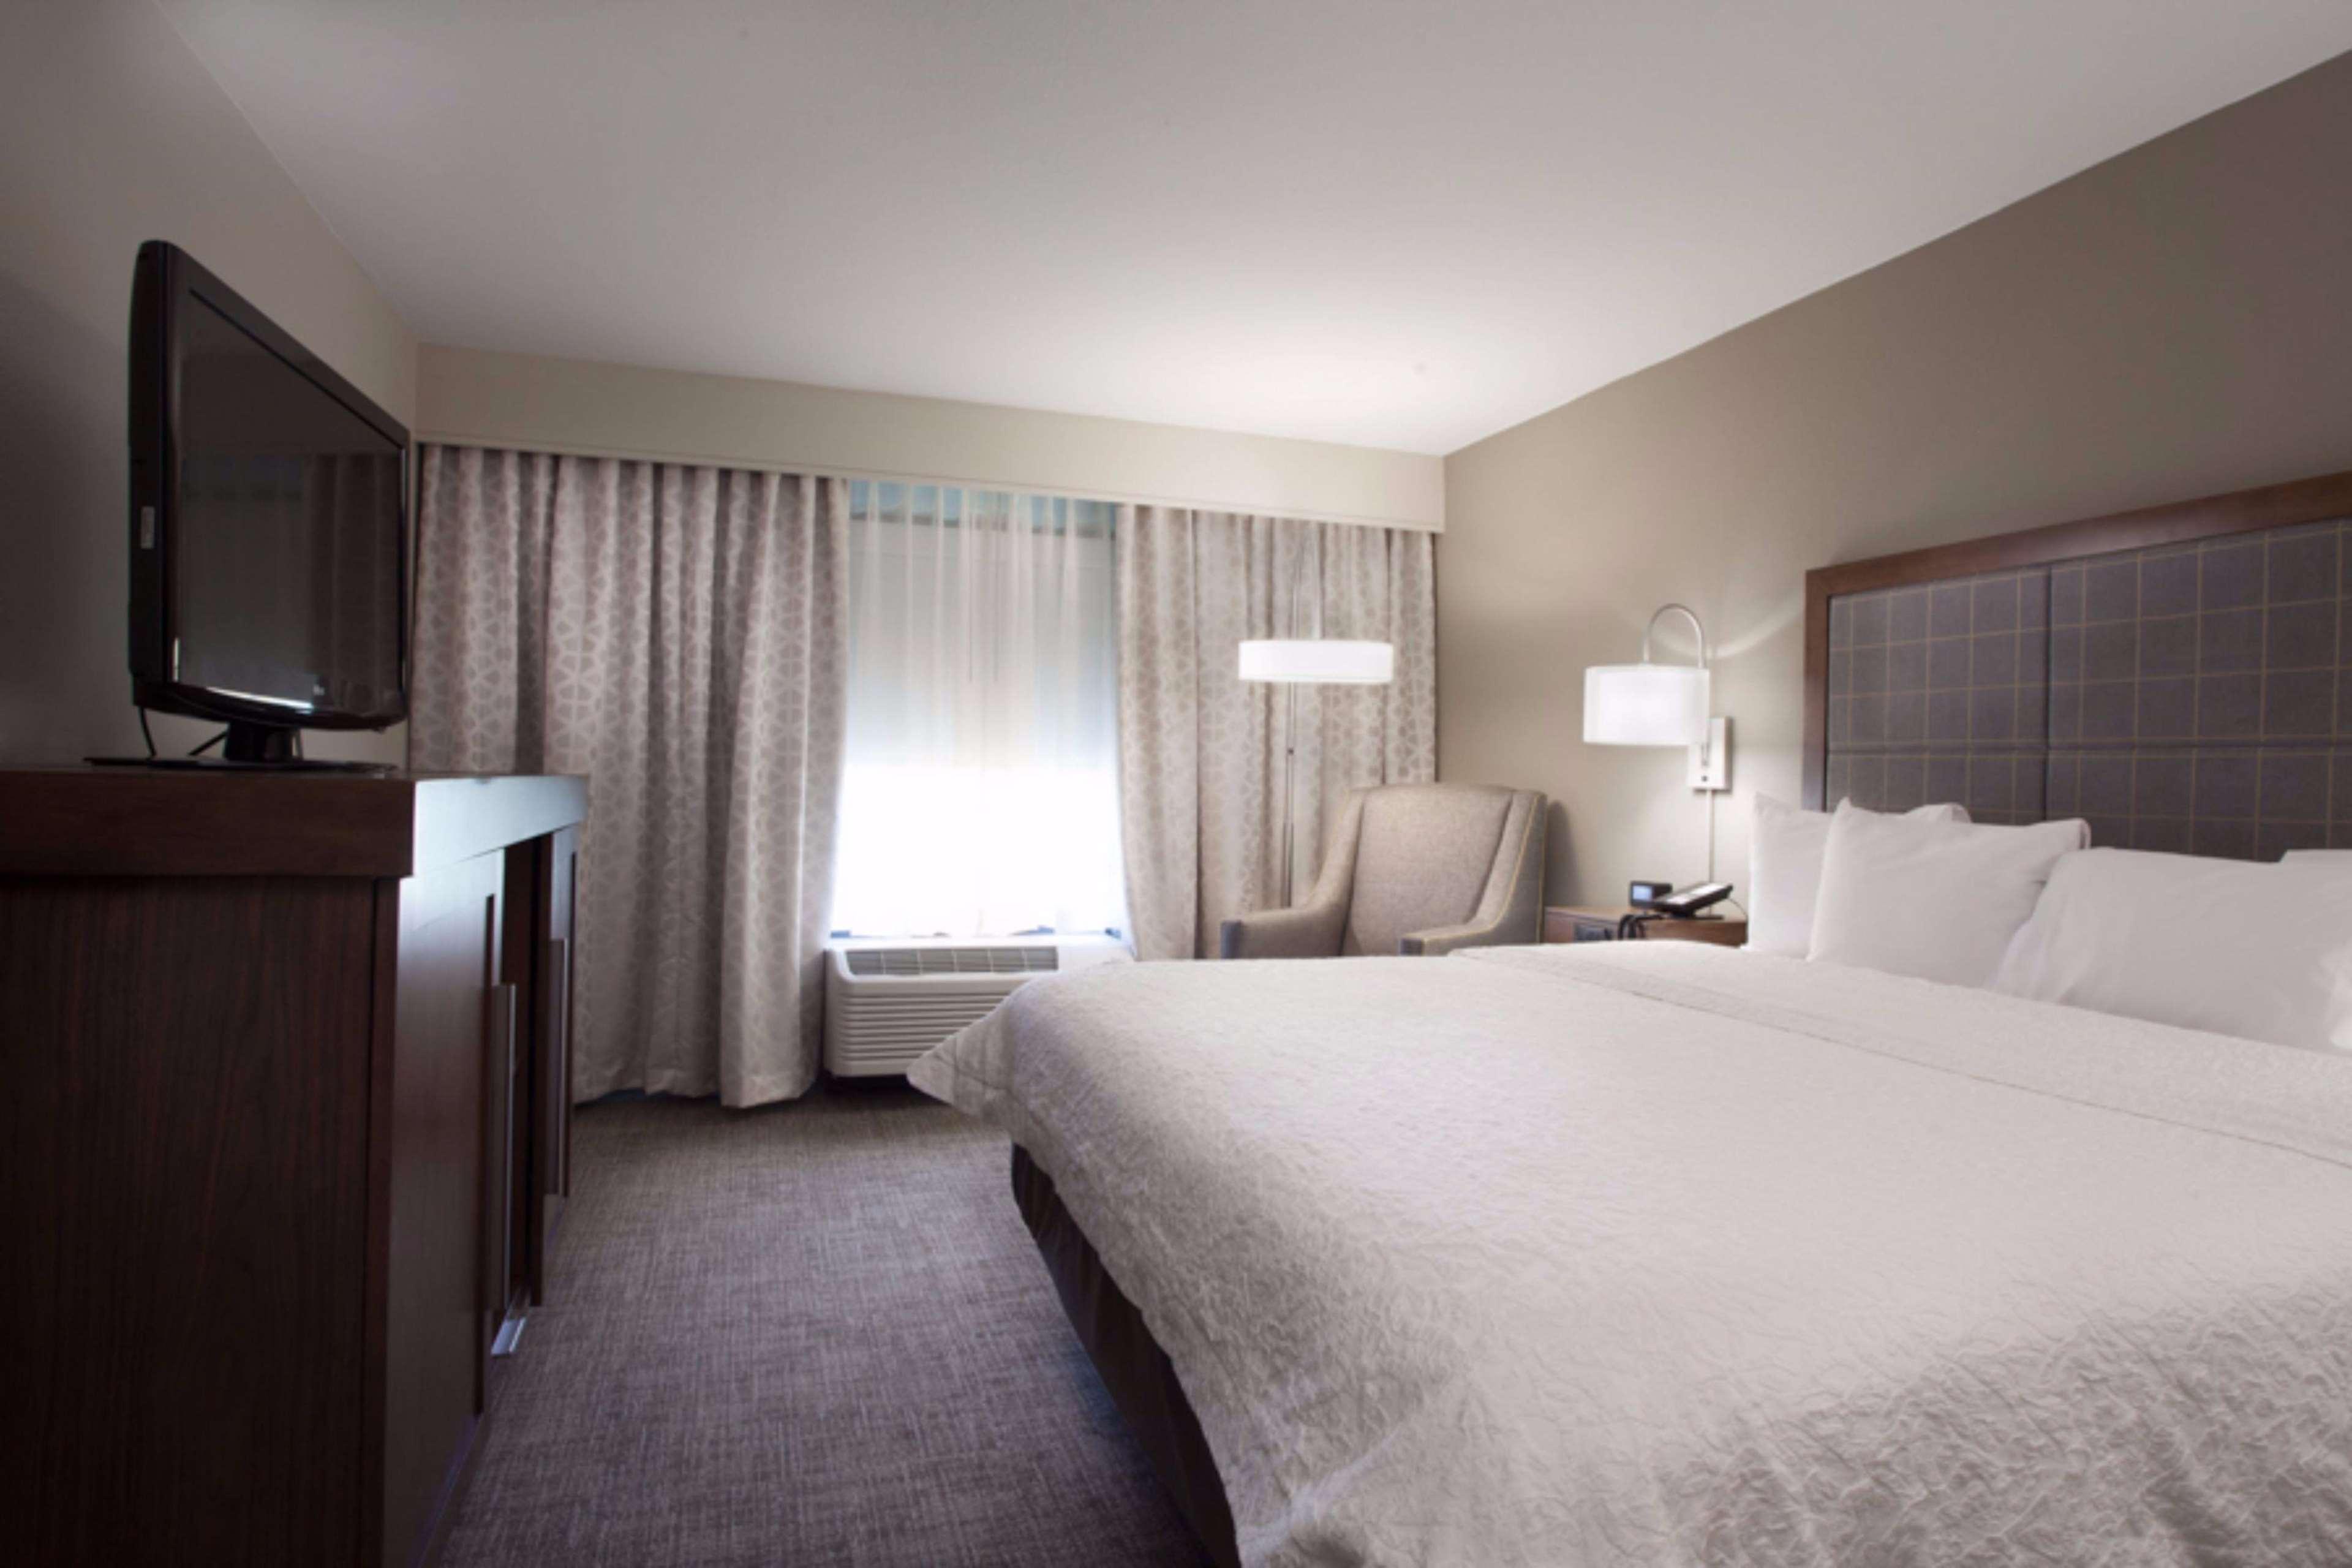 Hampton Inn & Suites Dallas-DFW Airport North-Grapevine in Grapevine, TX, photo #21